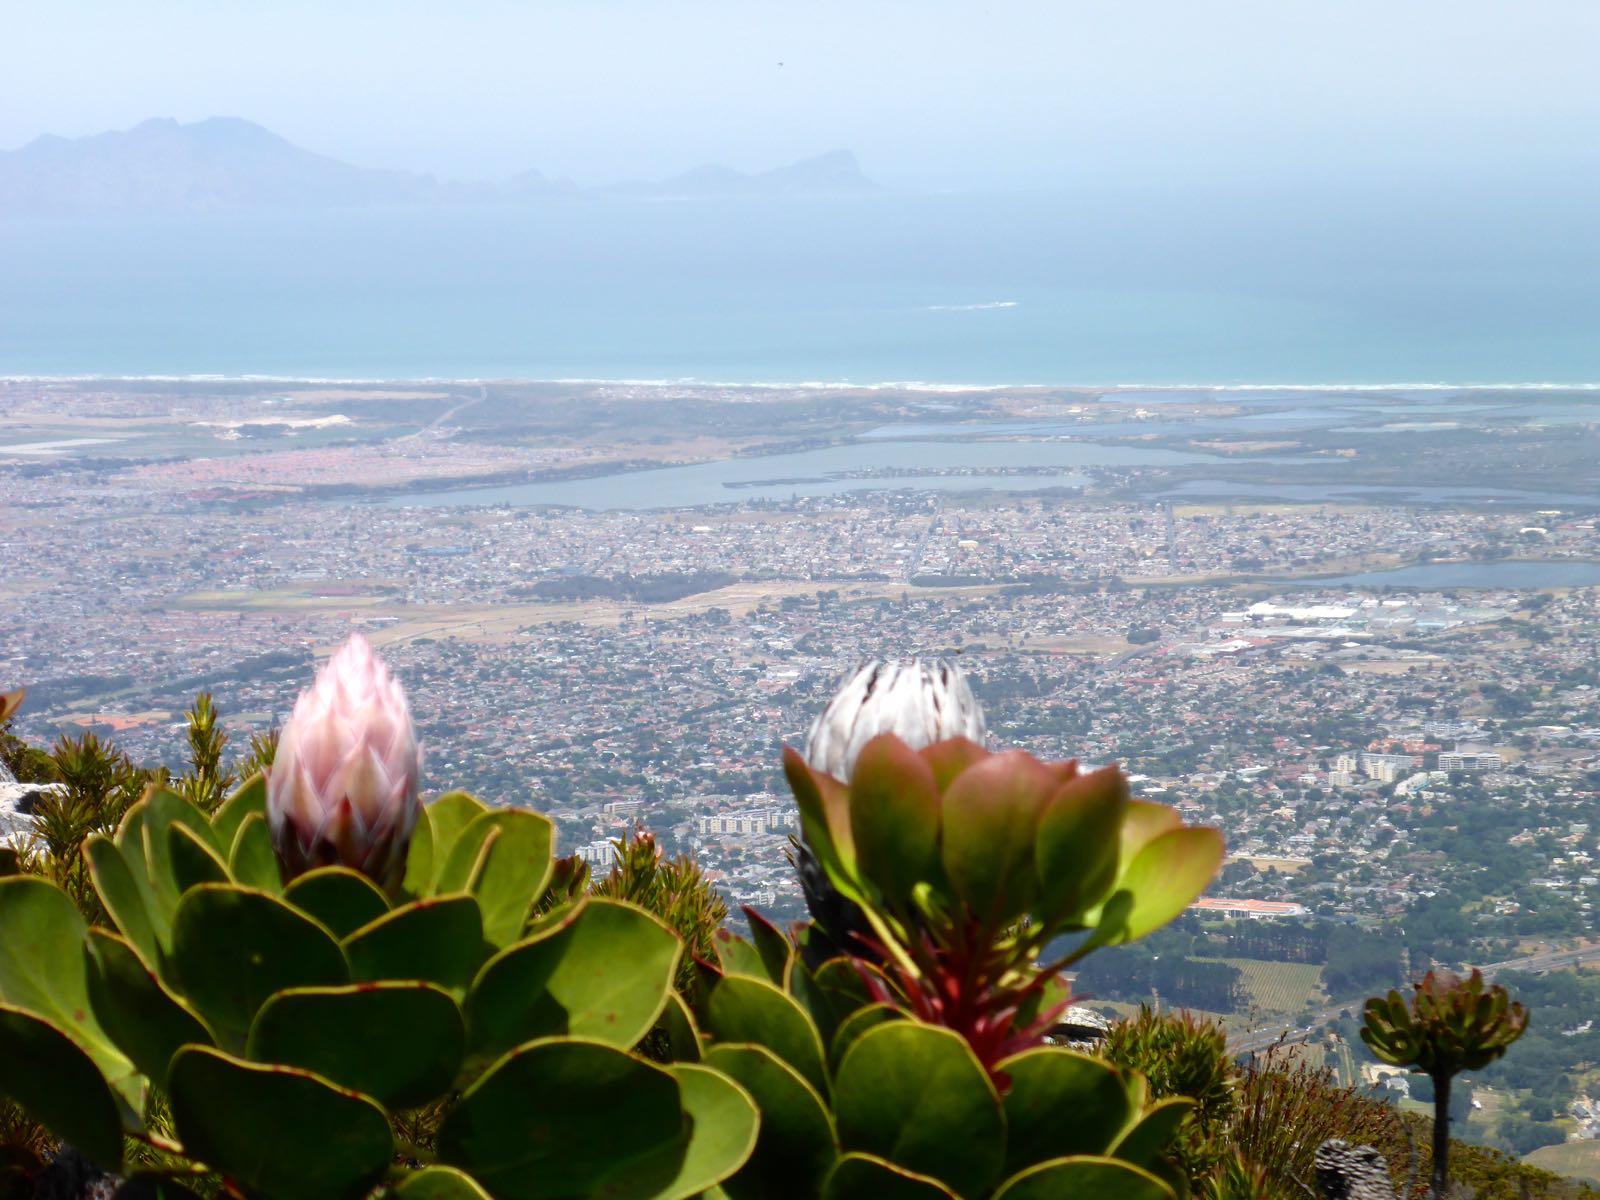 Protea und Falsebay im Hintergrund